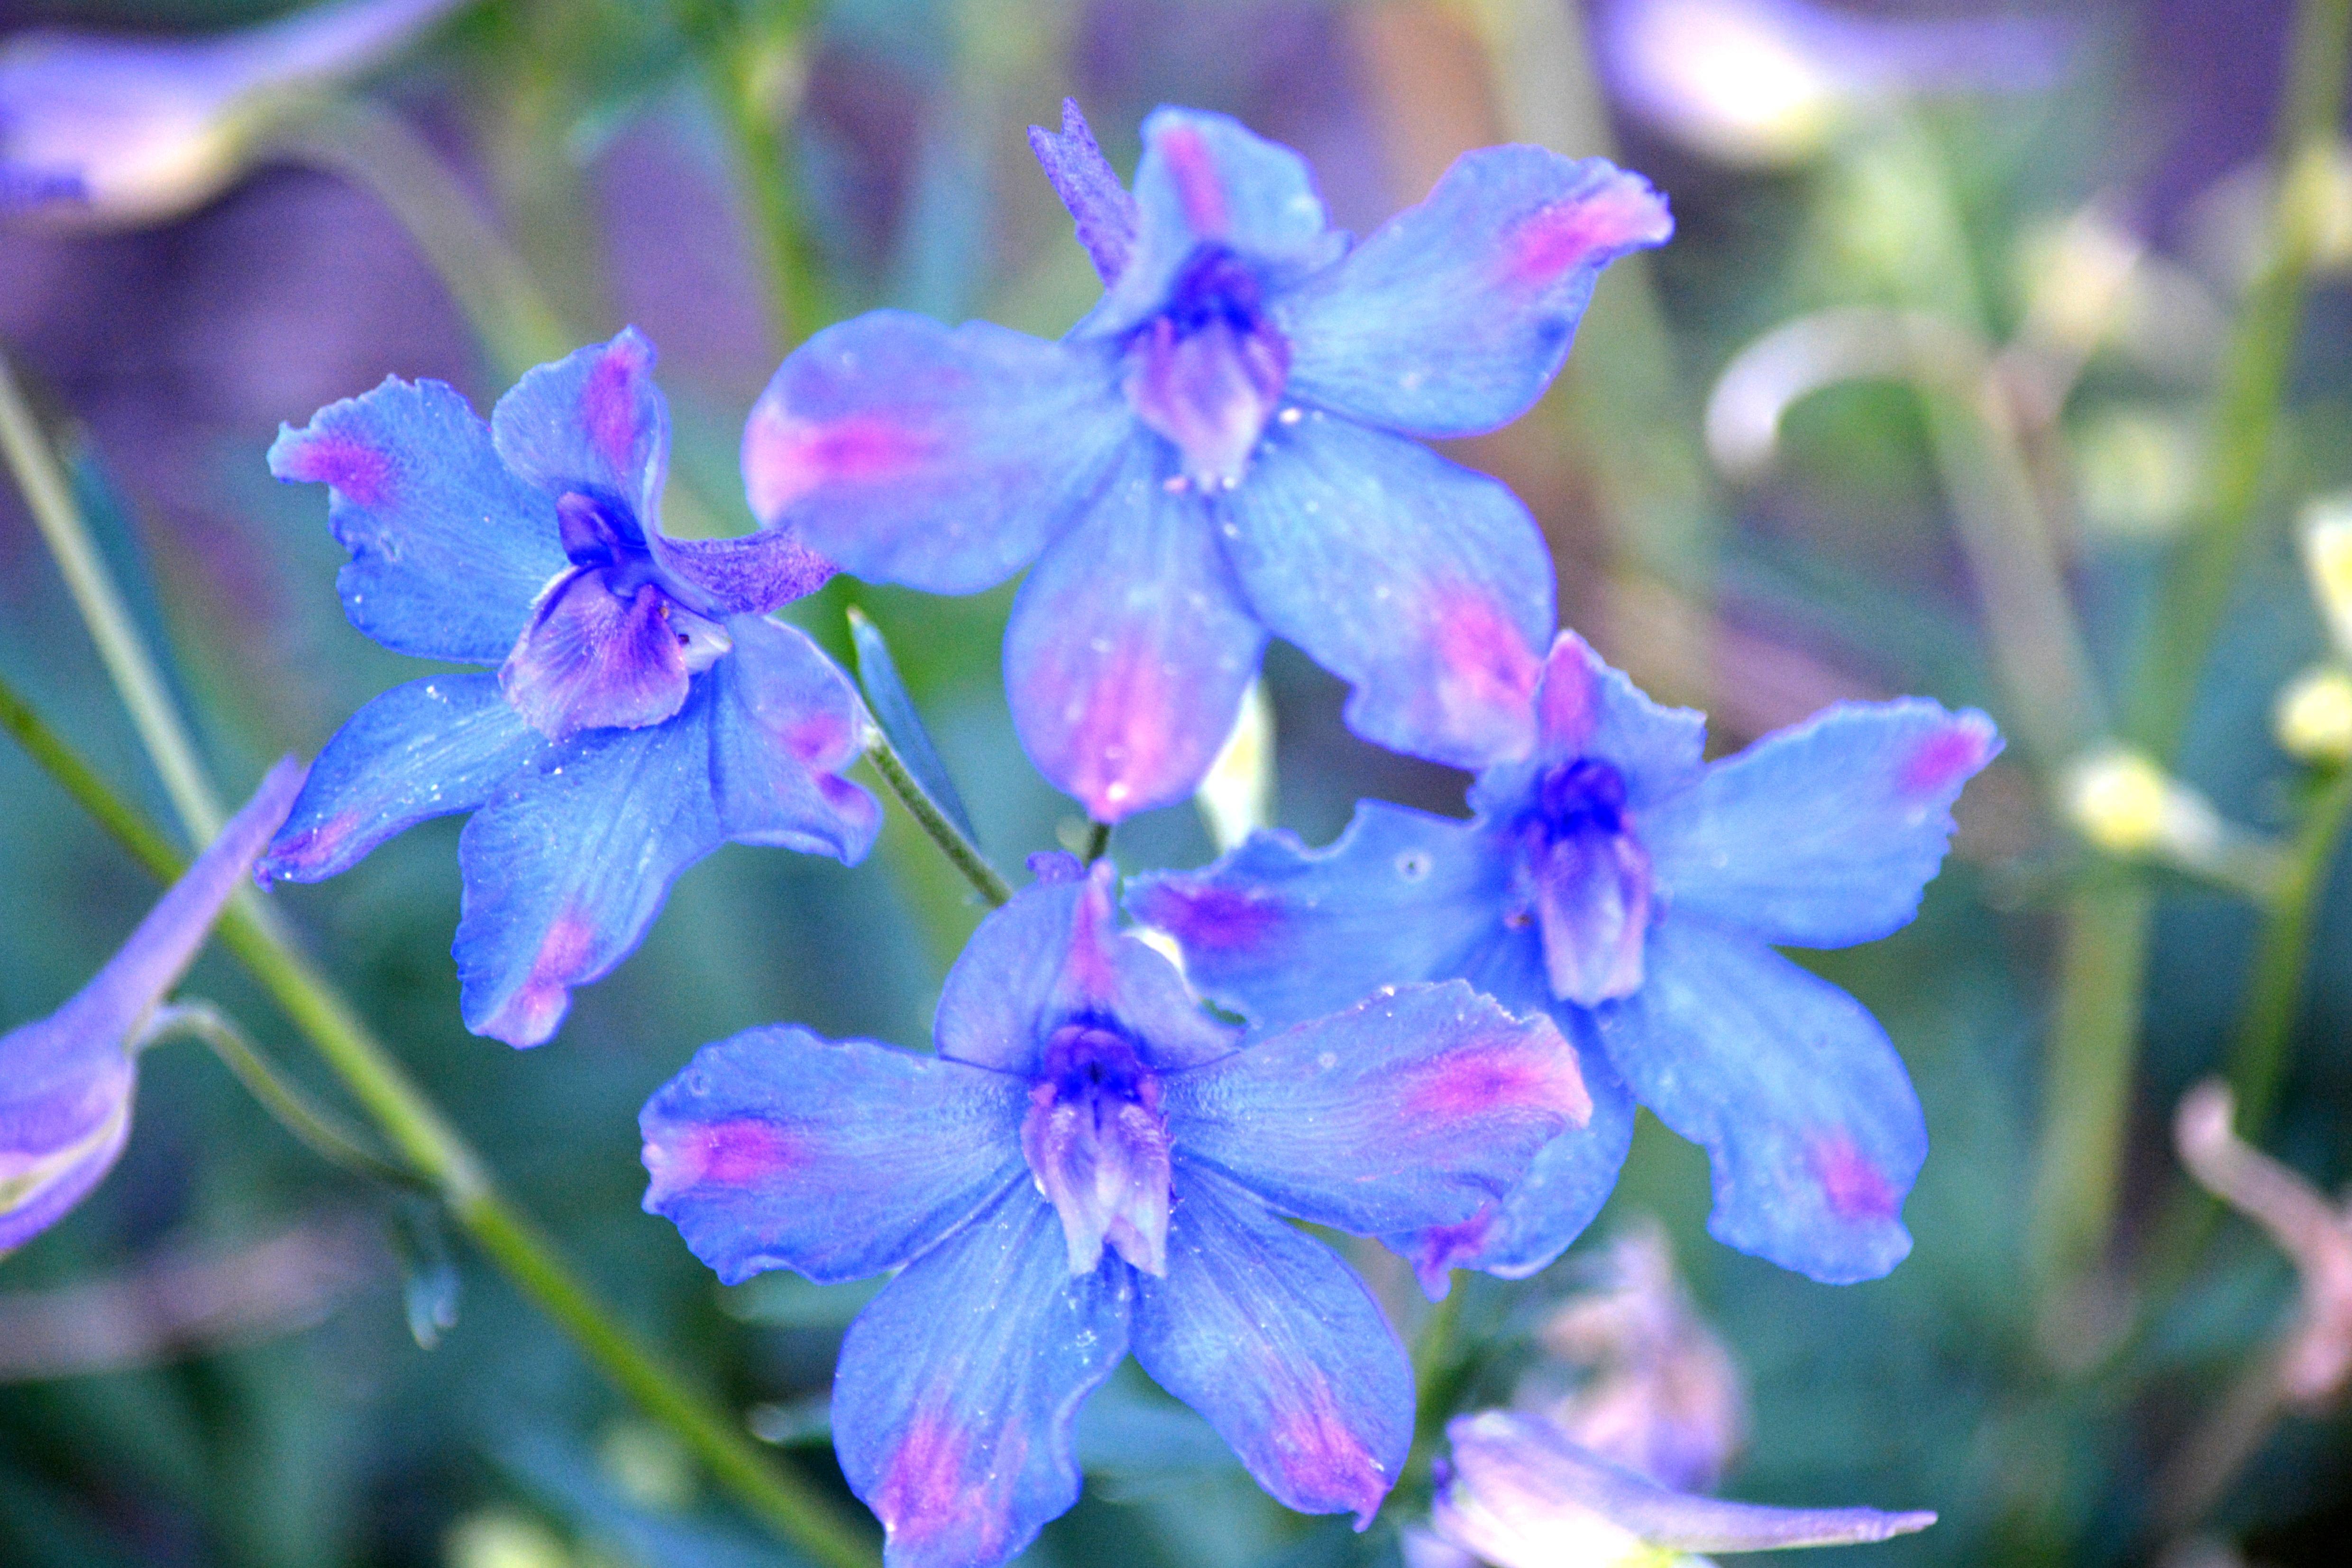 Wallpaper Pink and Blue Flowers - WallpaperSafari